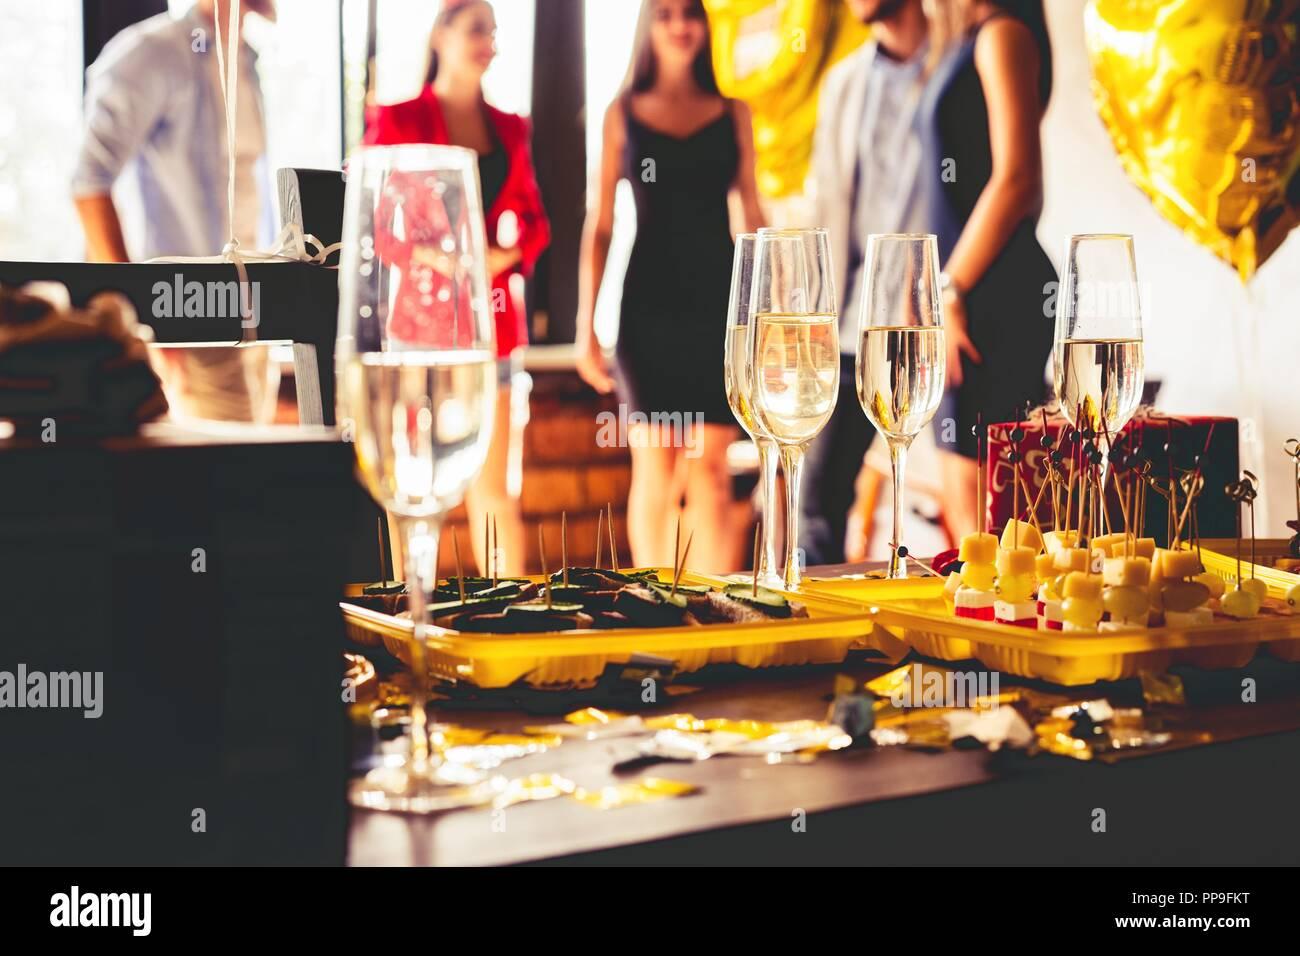 Dîner buffet de nourriture à manger Celebration Party Concept. Photo Stock